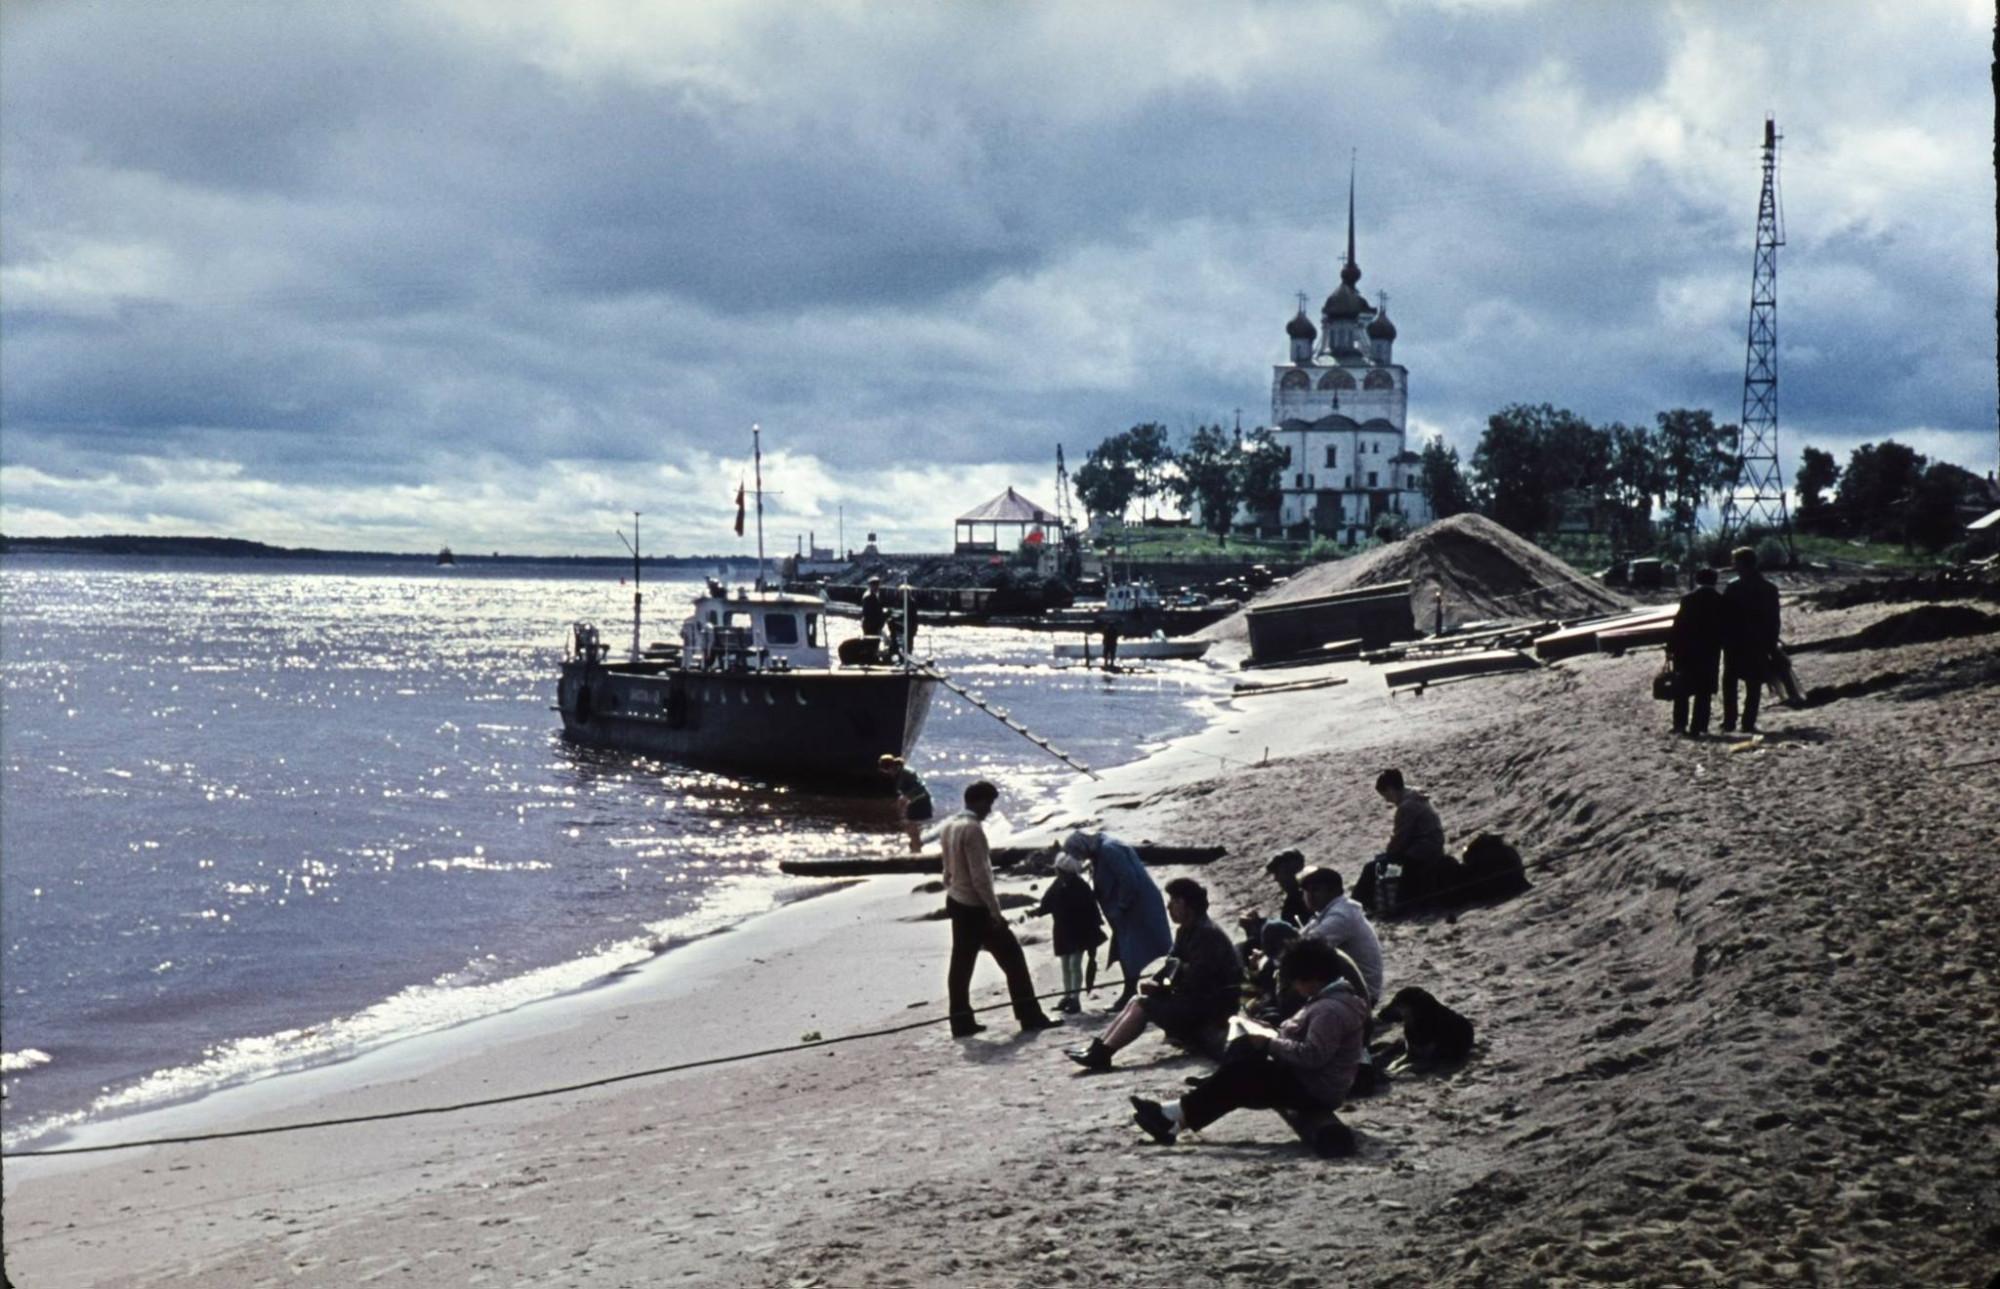 Сольвычегодск, нач. 70-х (фото К.Д.)